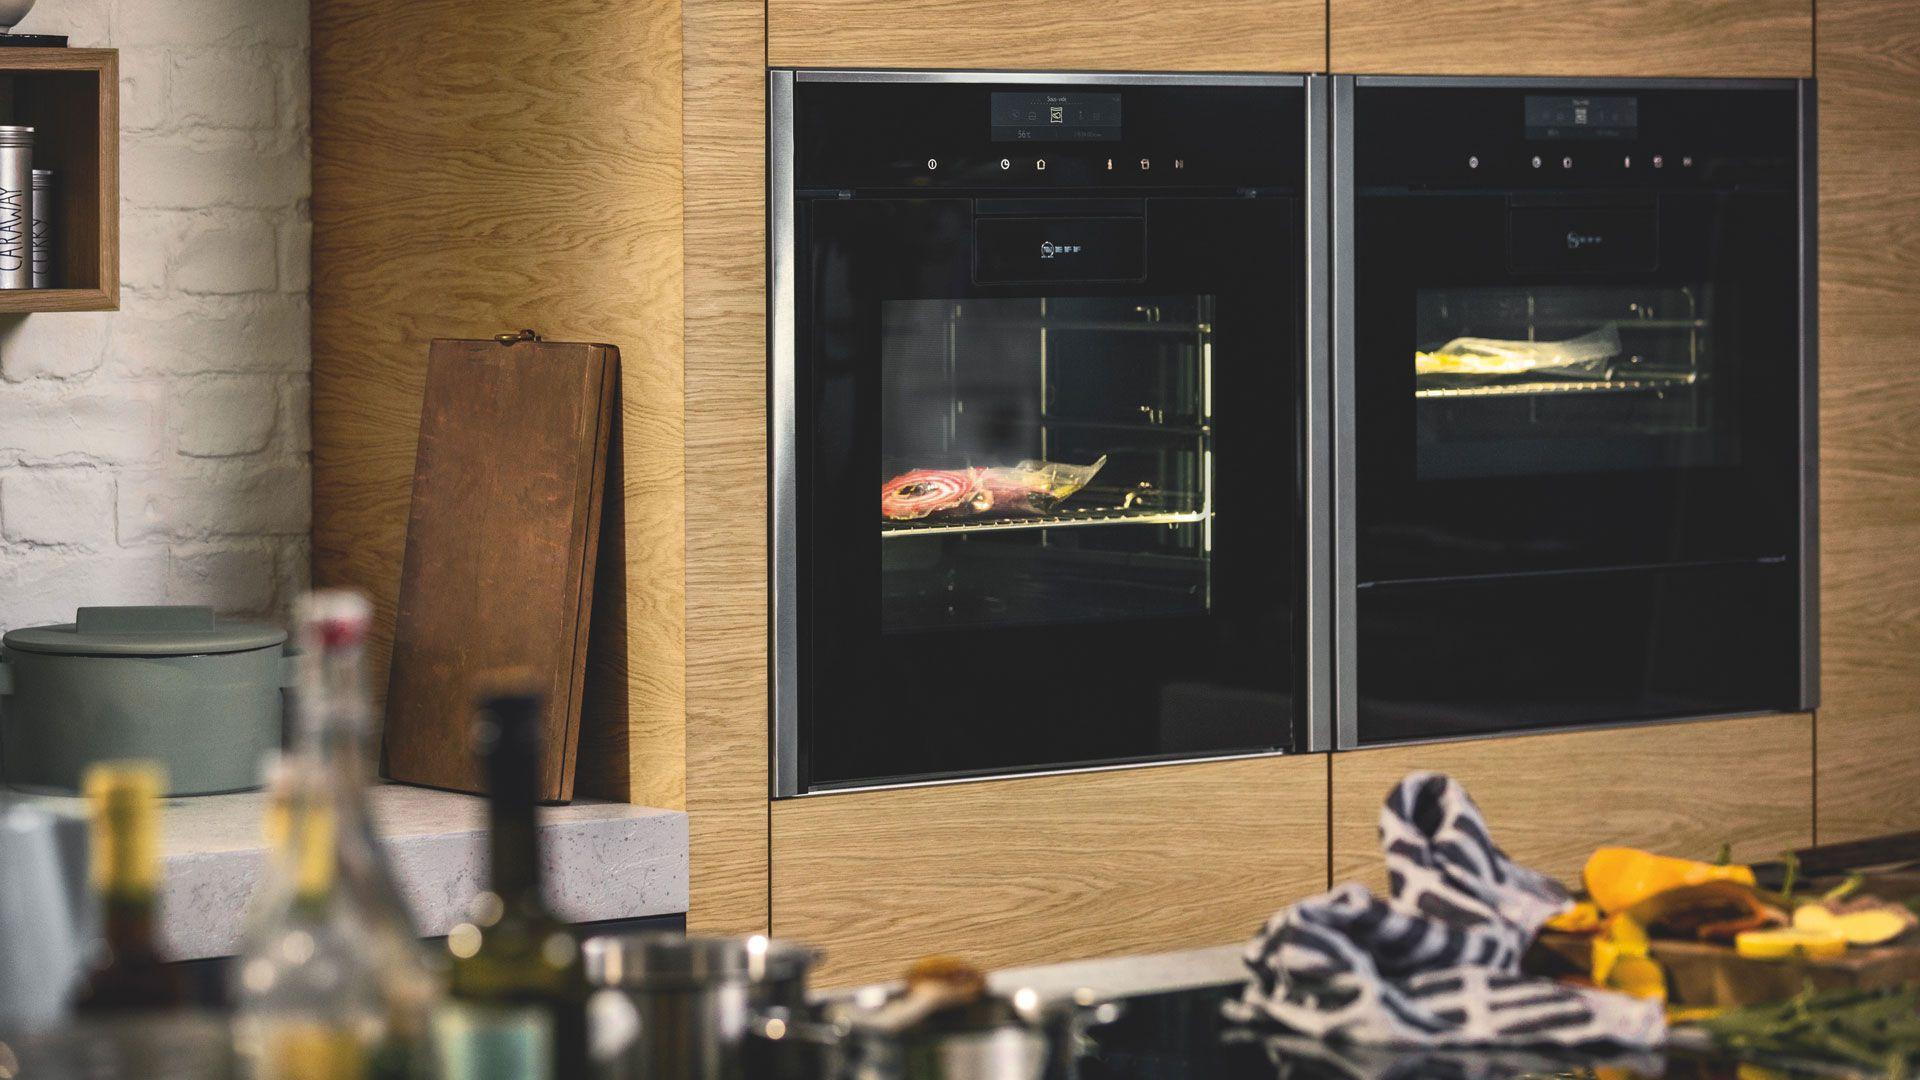 Siemens Kühlschrank Home Connect Einrichten : Siemens home connect küchenfachhändler isenbüttel horstmann